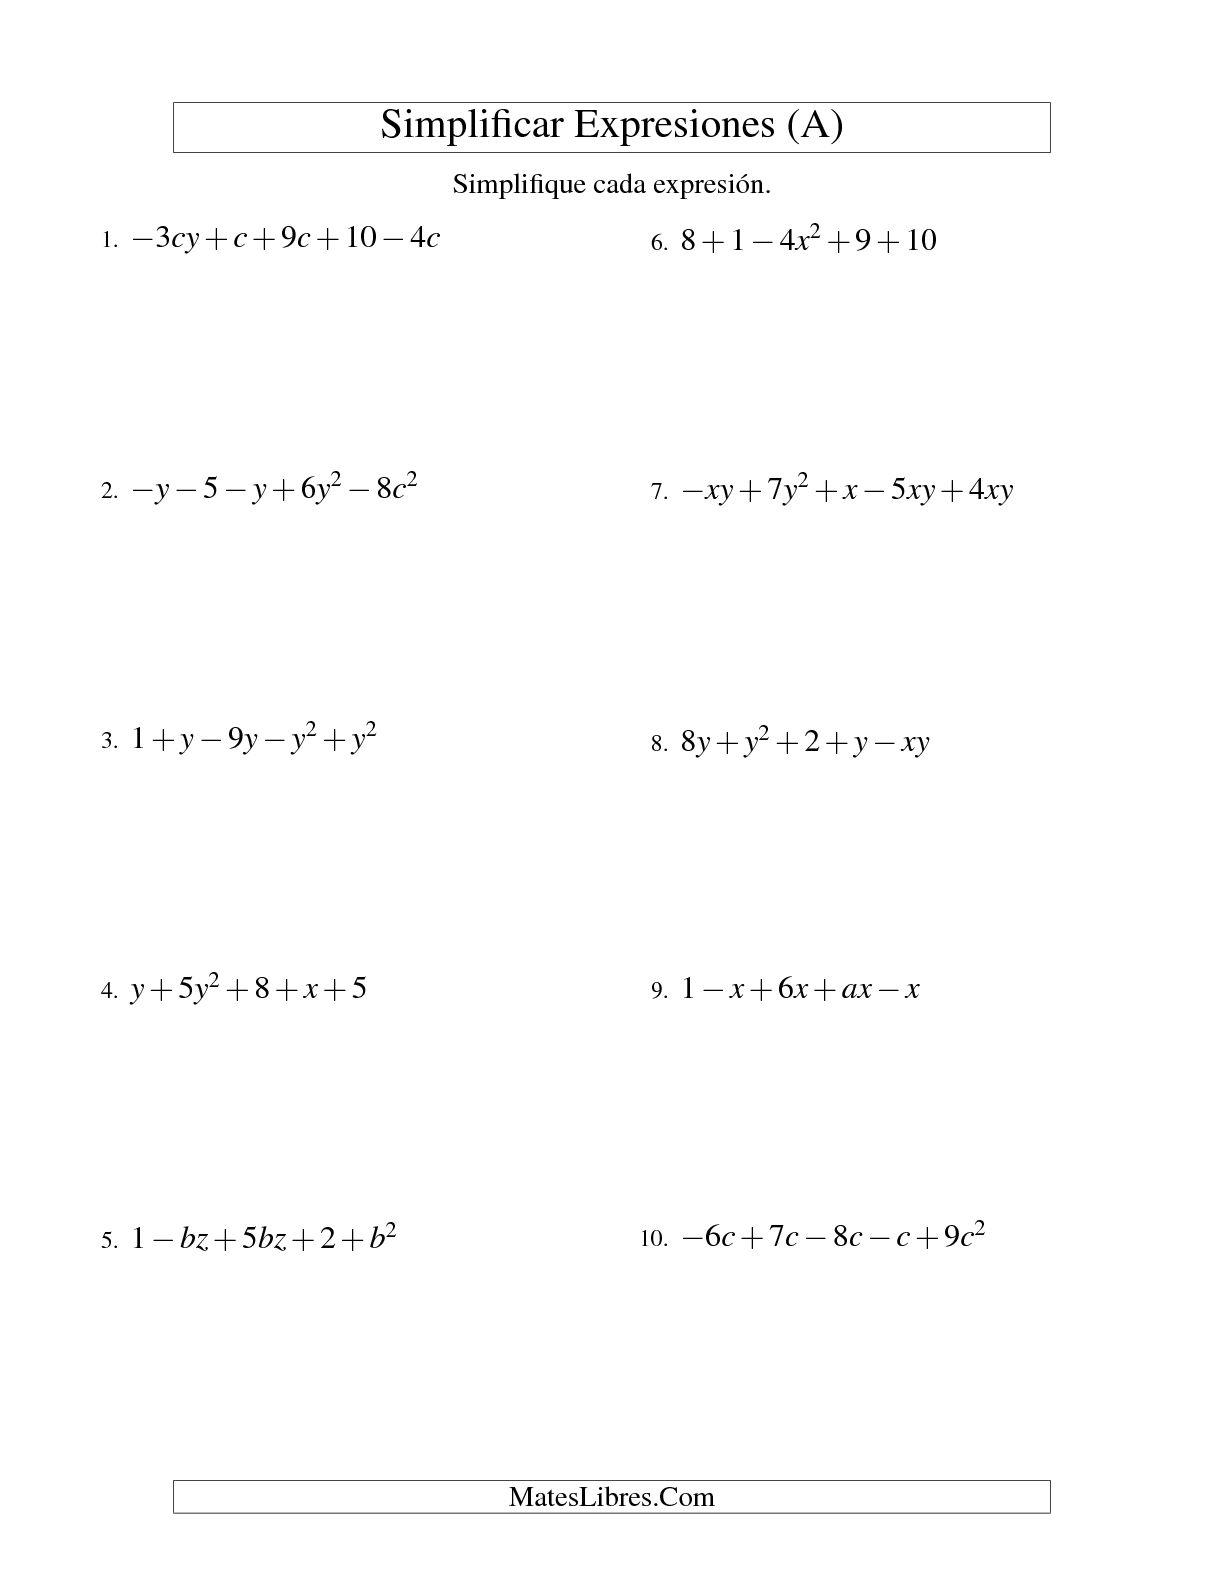 Simplificar Expresiones Algebraicas Suma Y Resta Dos Variables Cinco Terminos A Hoja De